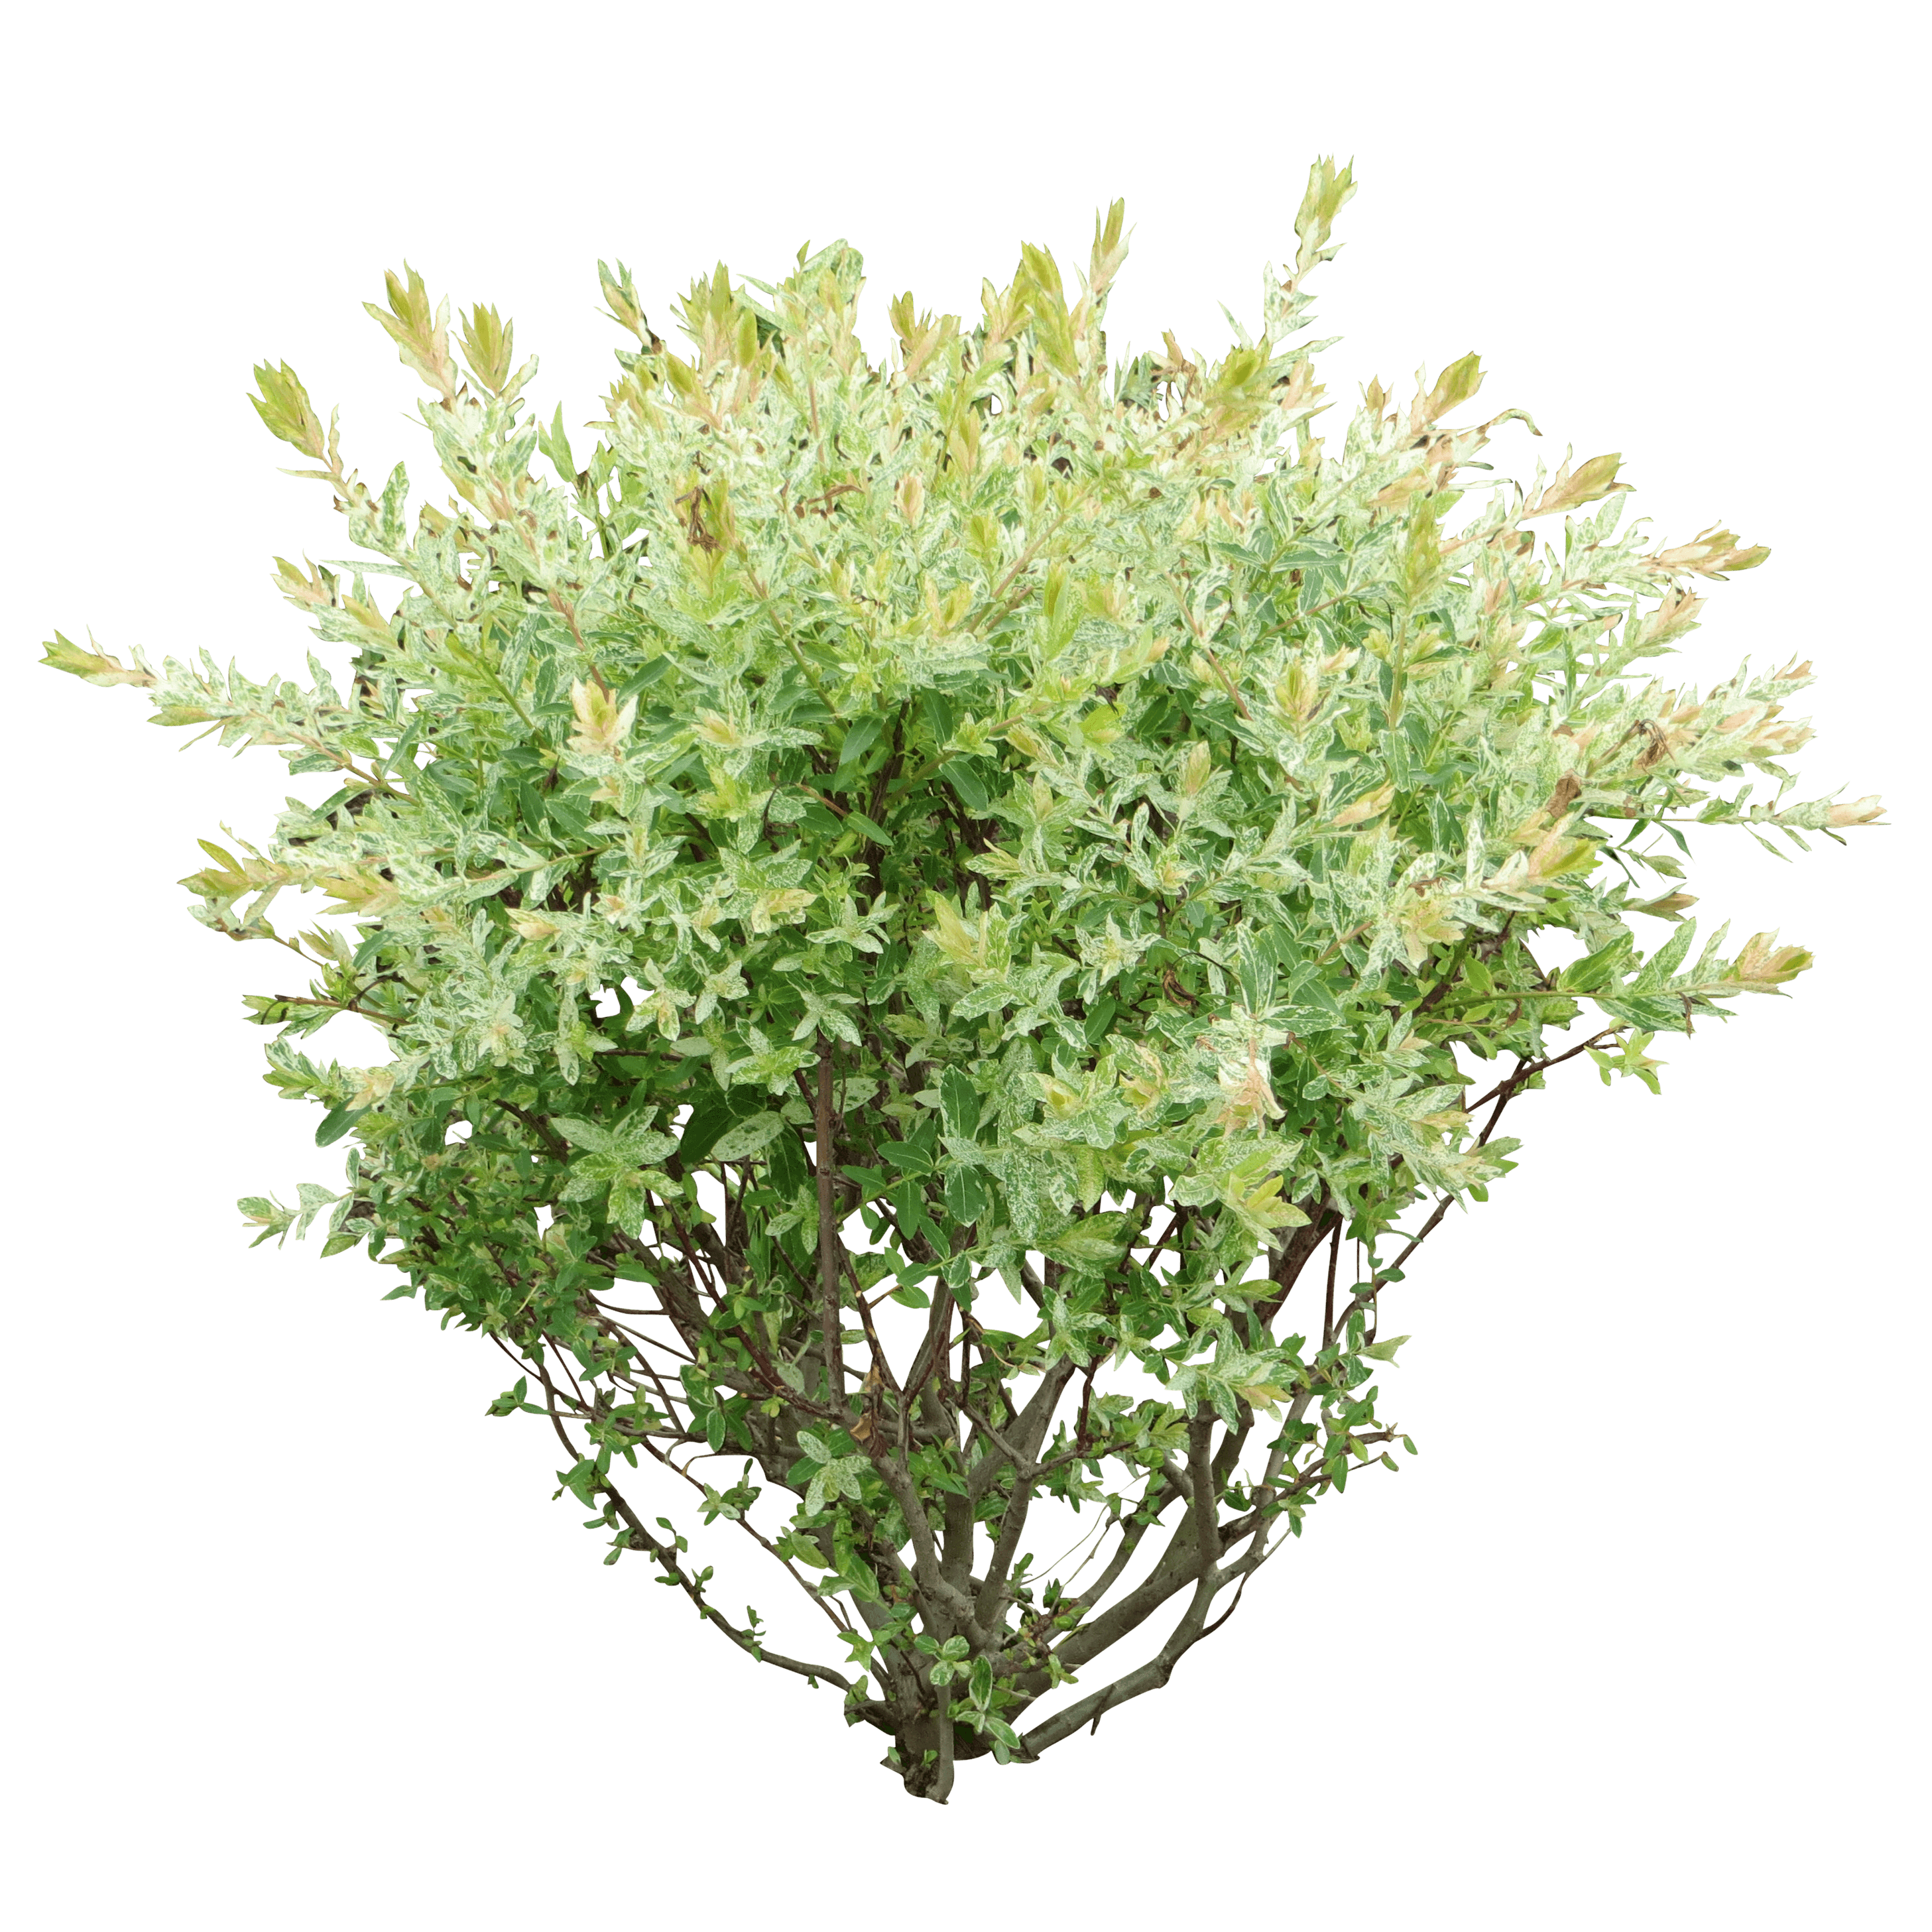 svg Bushes clipart lot flower. Image result for bush